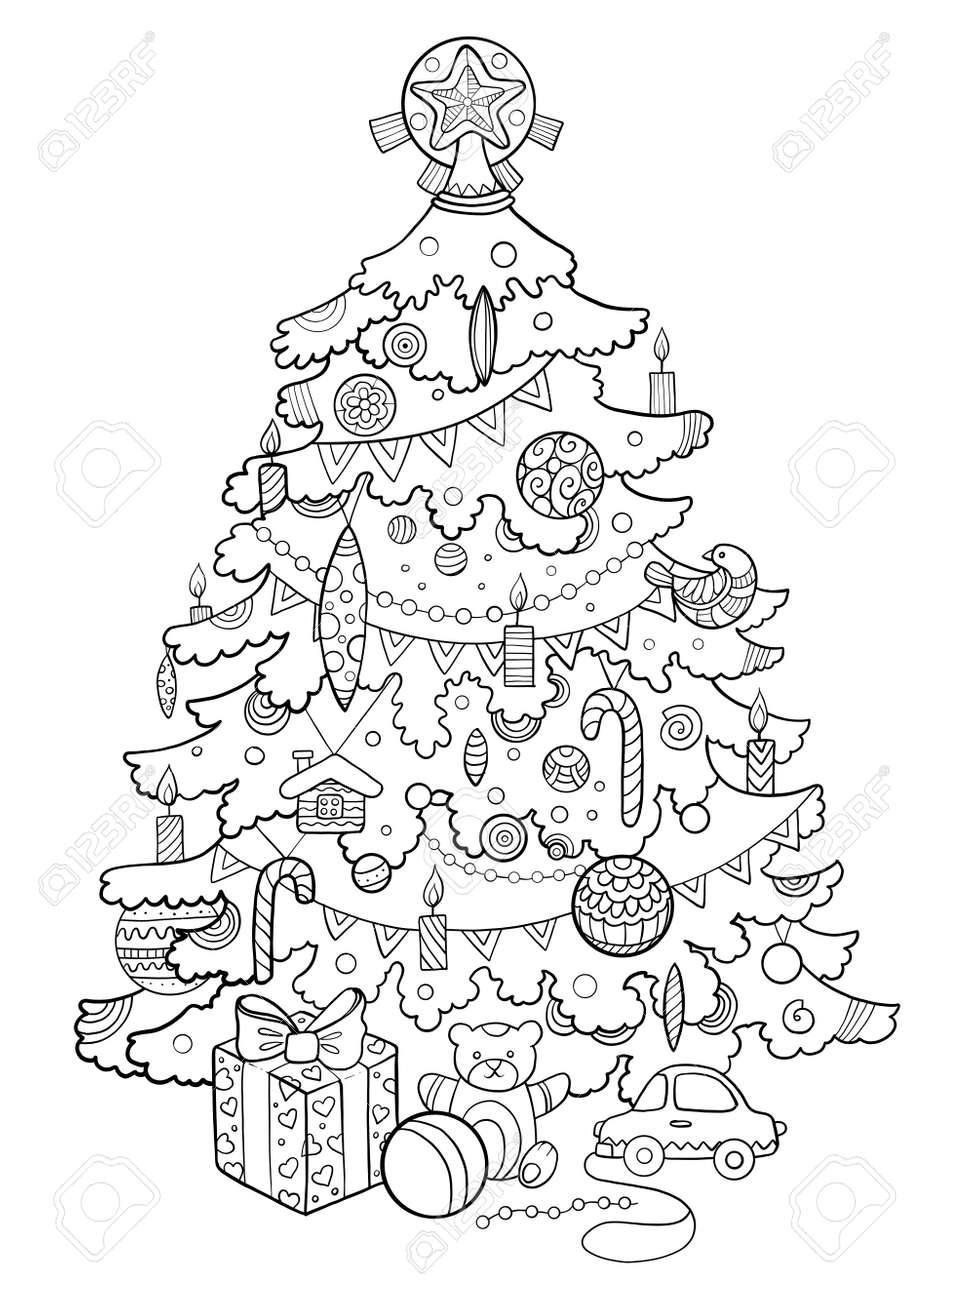 Dibujos Arboles Navidad. Awesome Dibujo Para Colorear Pap Noel Con ...